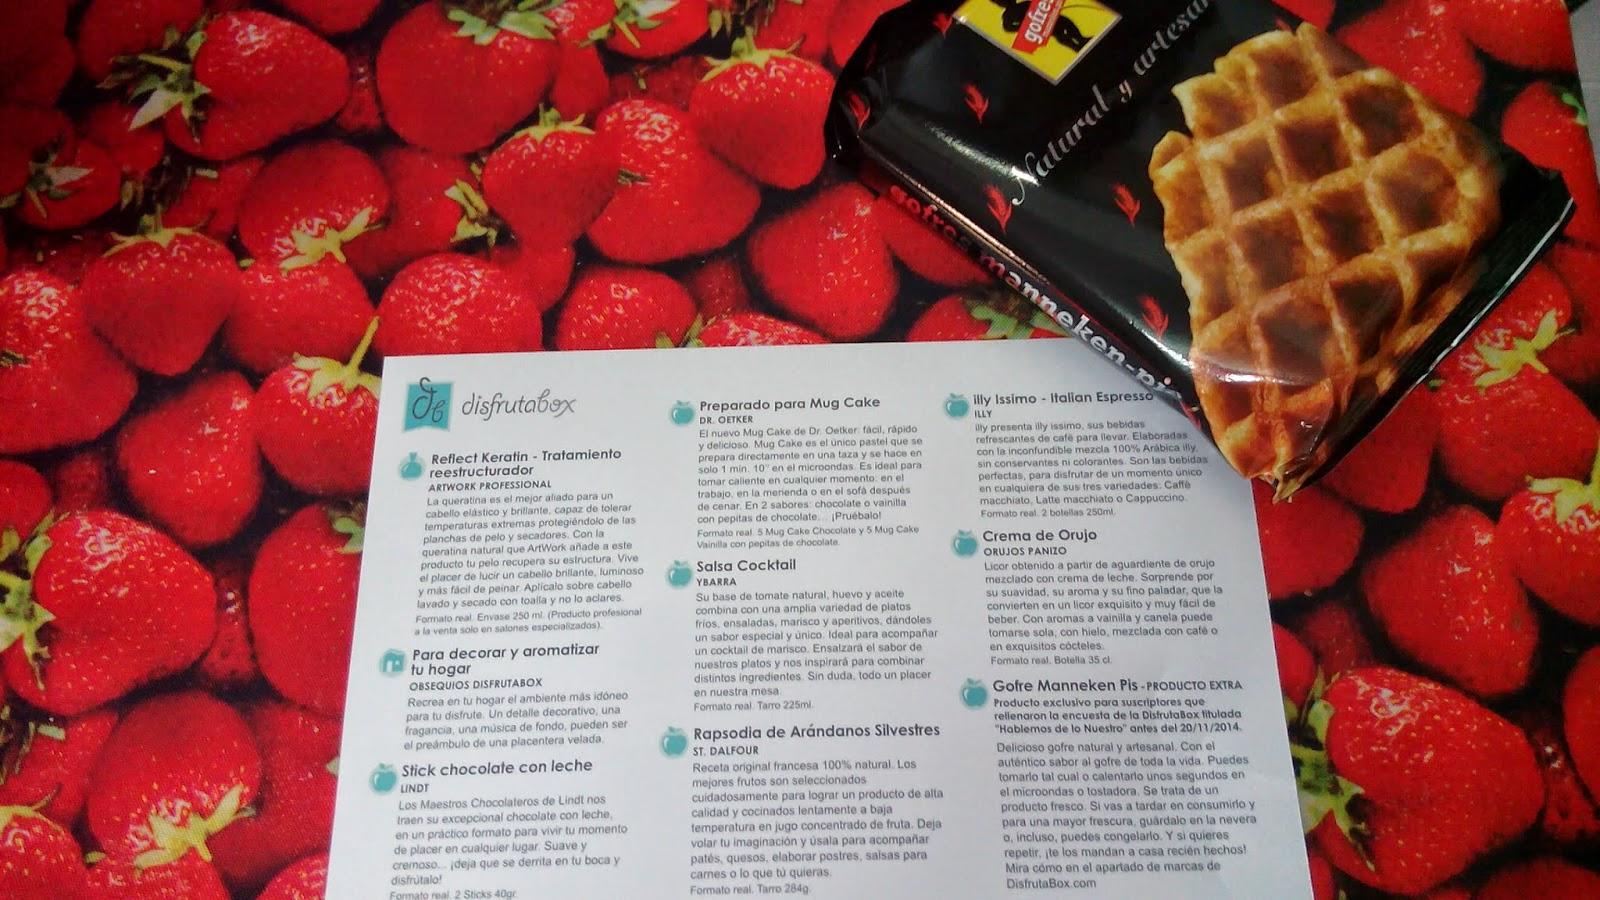 caja disfrutabox de noviembre con un monton de cosas alimentacion deliciosas oferta 9,99 cupon descuento